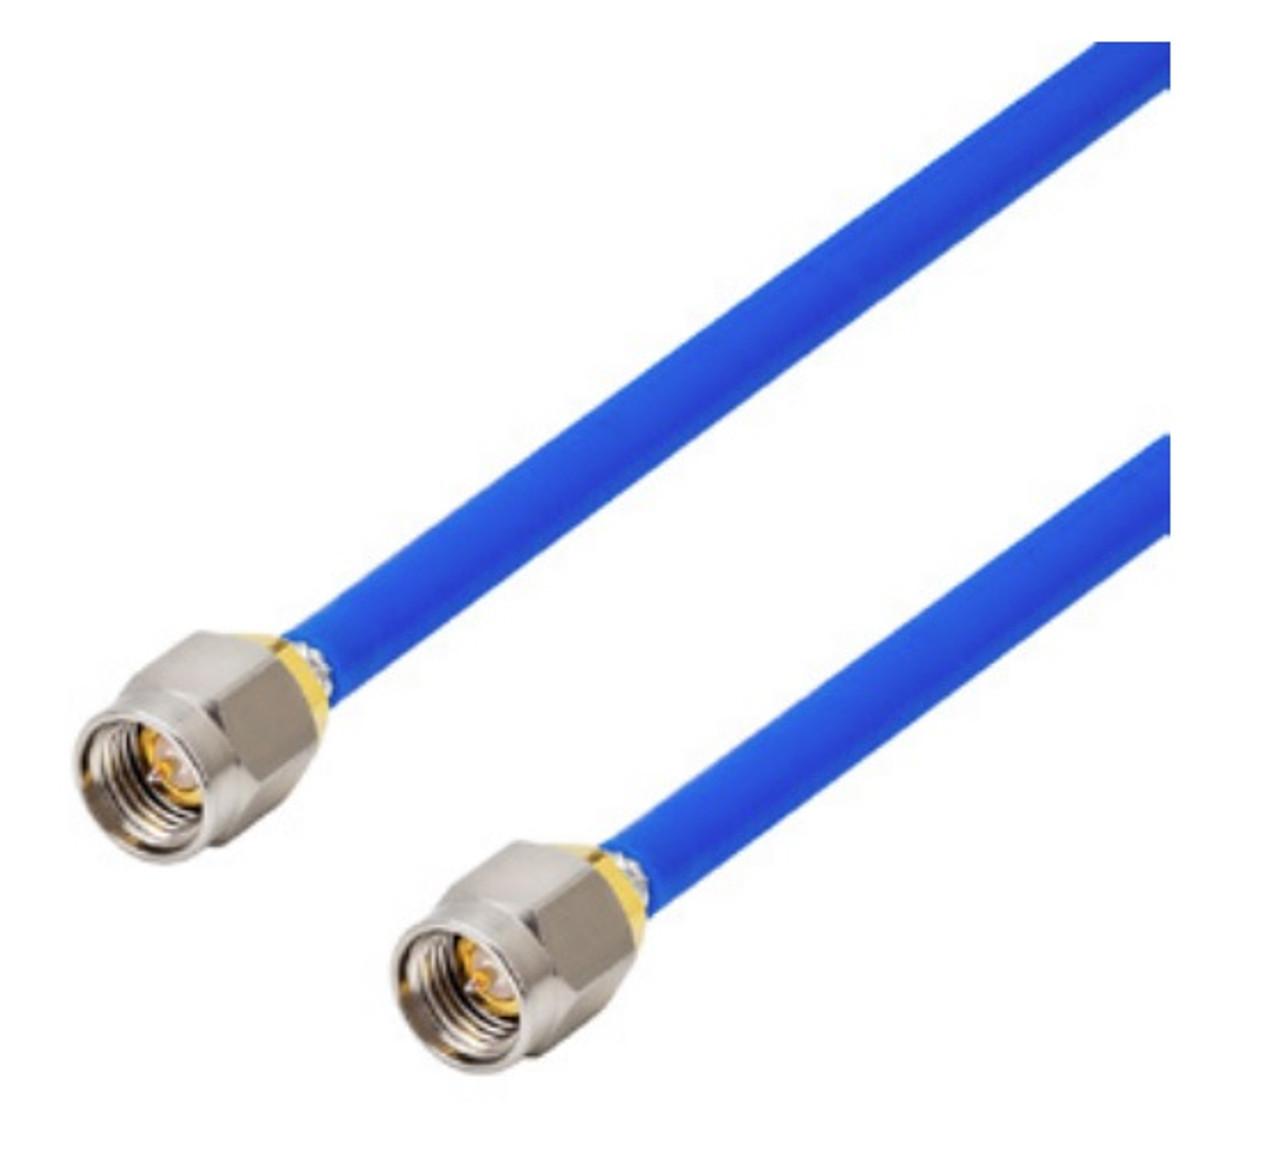 24-Inch - 141 Semiflex interconnect Coaxial Cable - SMA-Male to SMA-Male